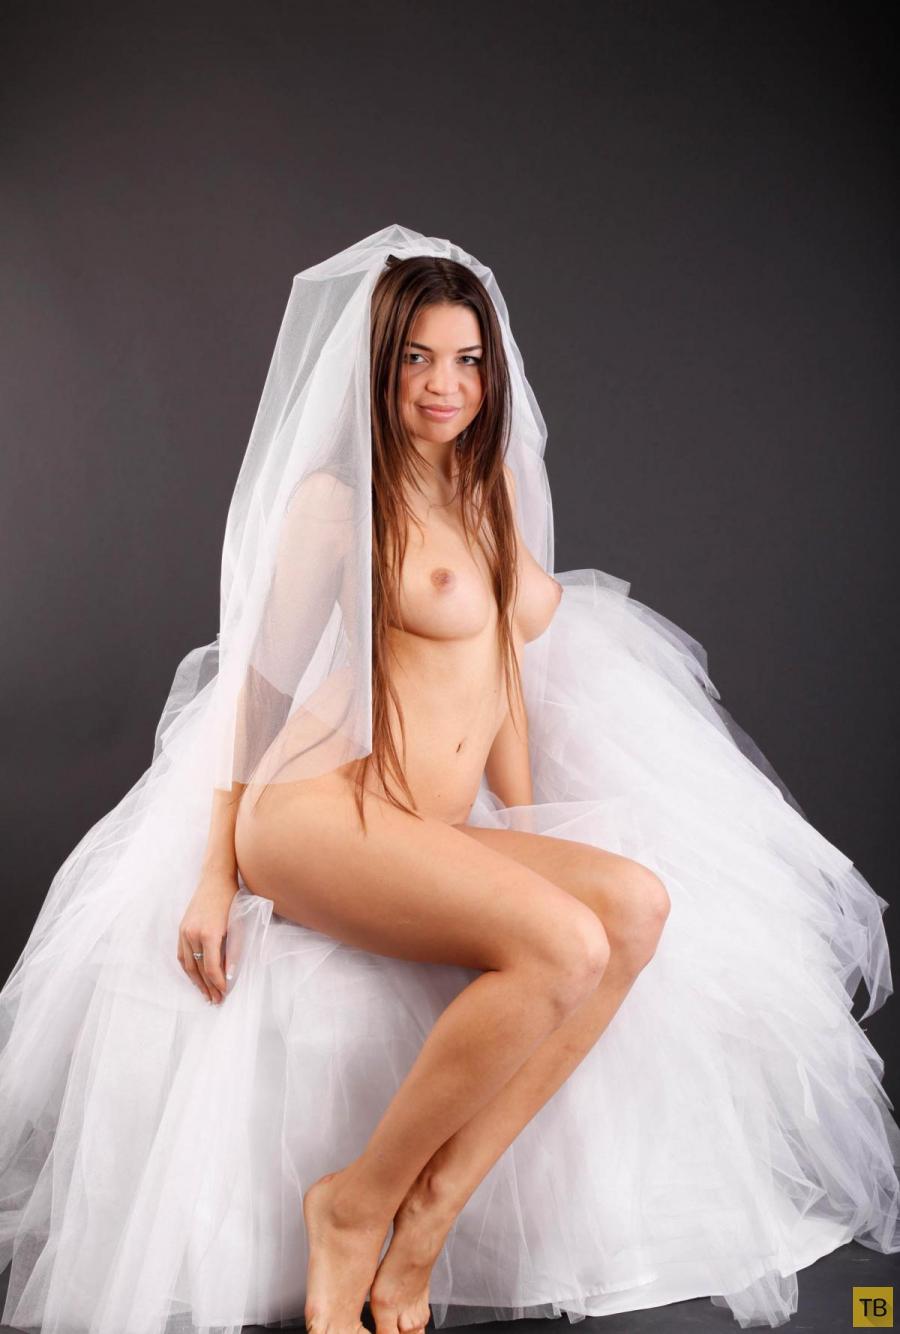 эротические фото девушек в свадебном платье - 10